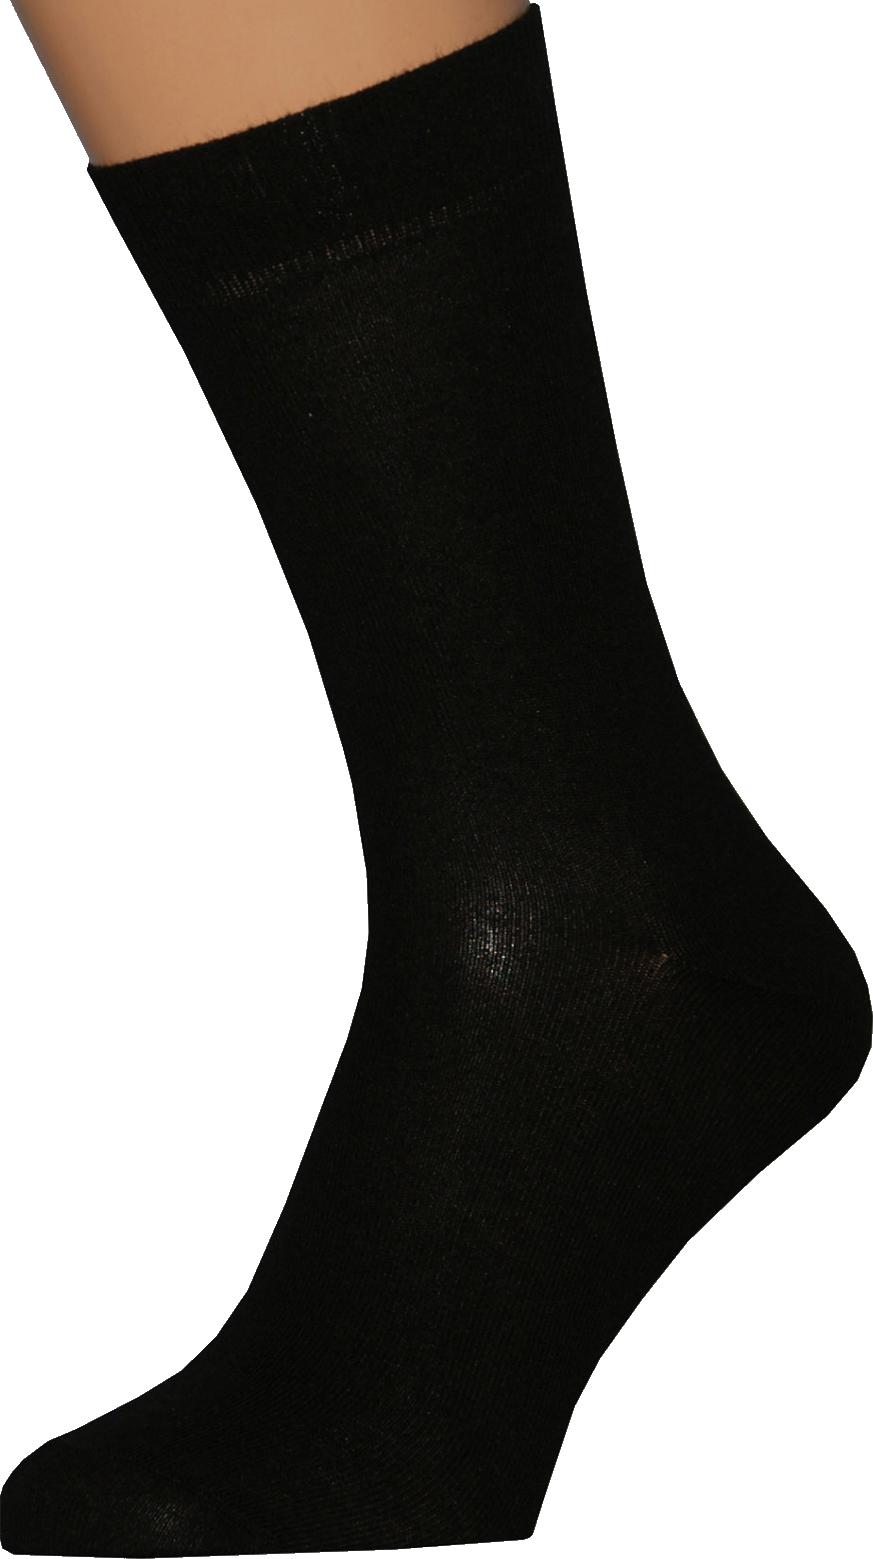 Socks Black PNG Image